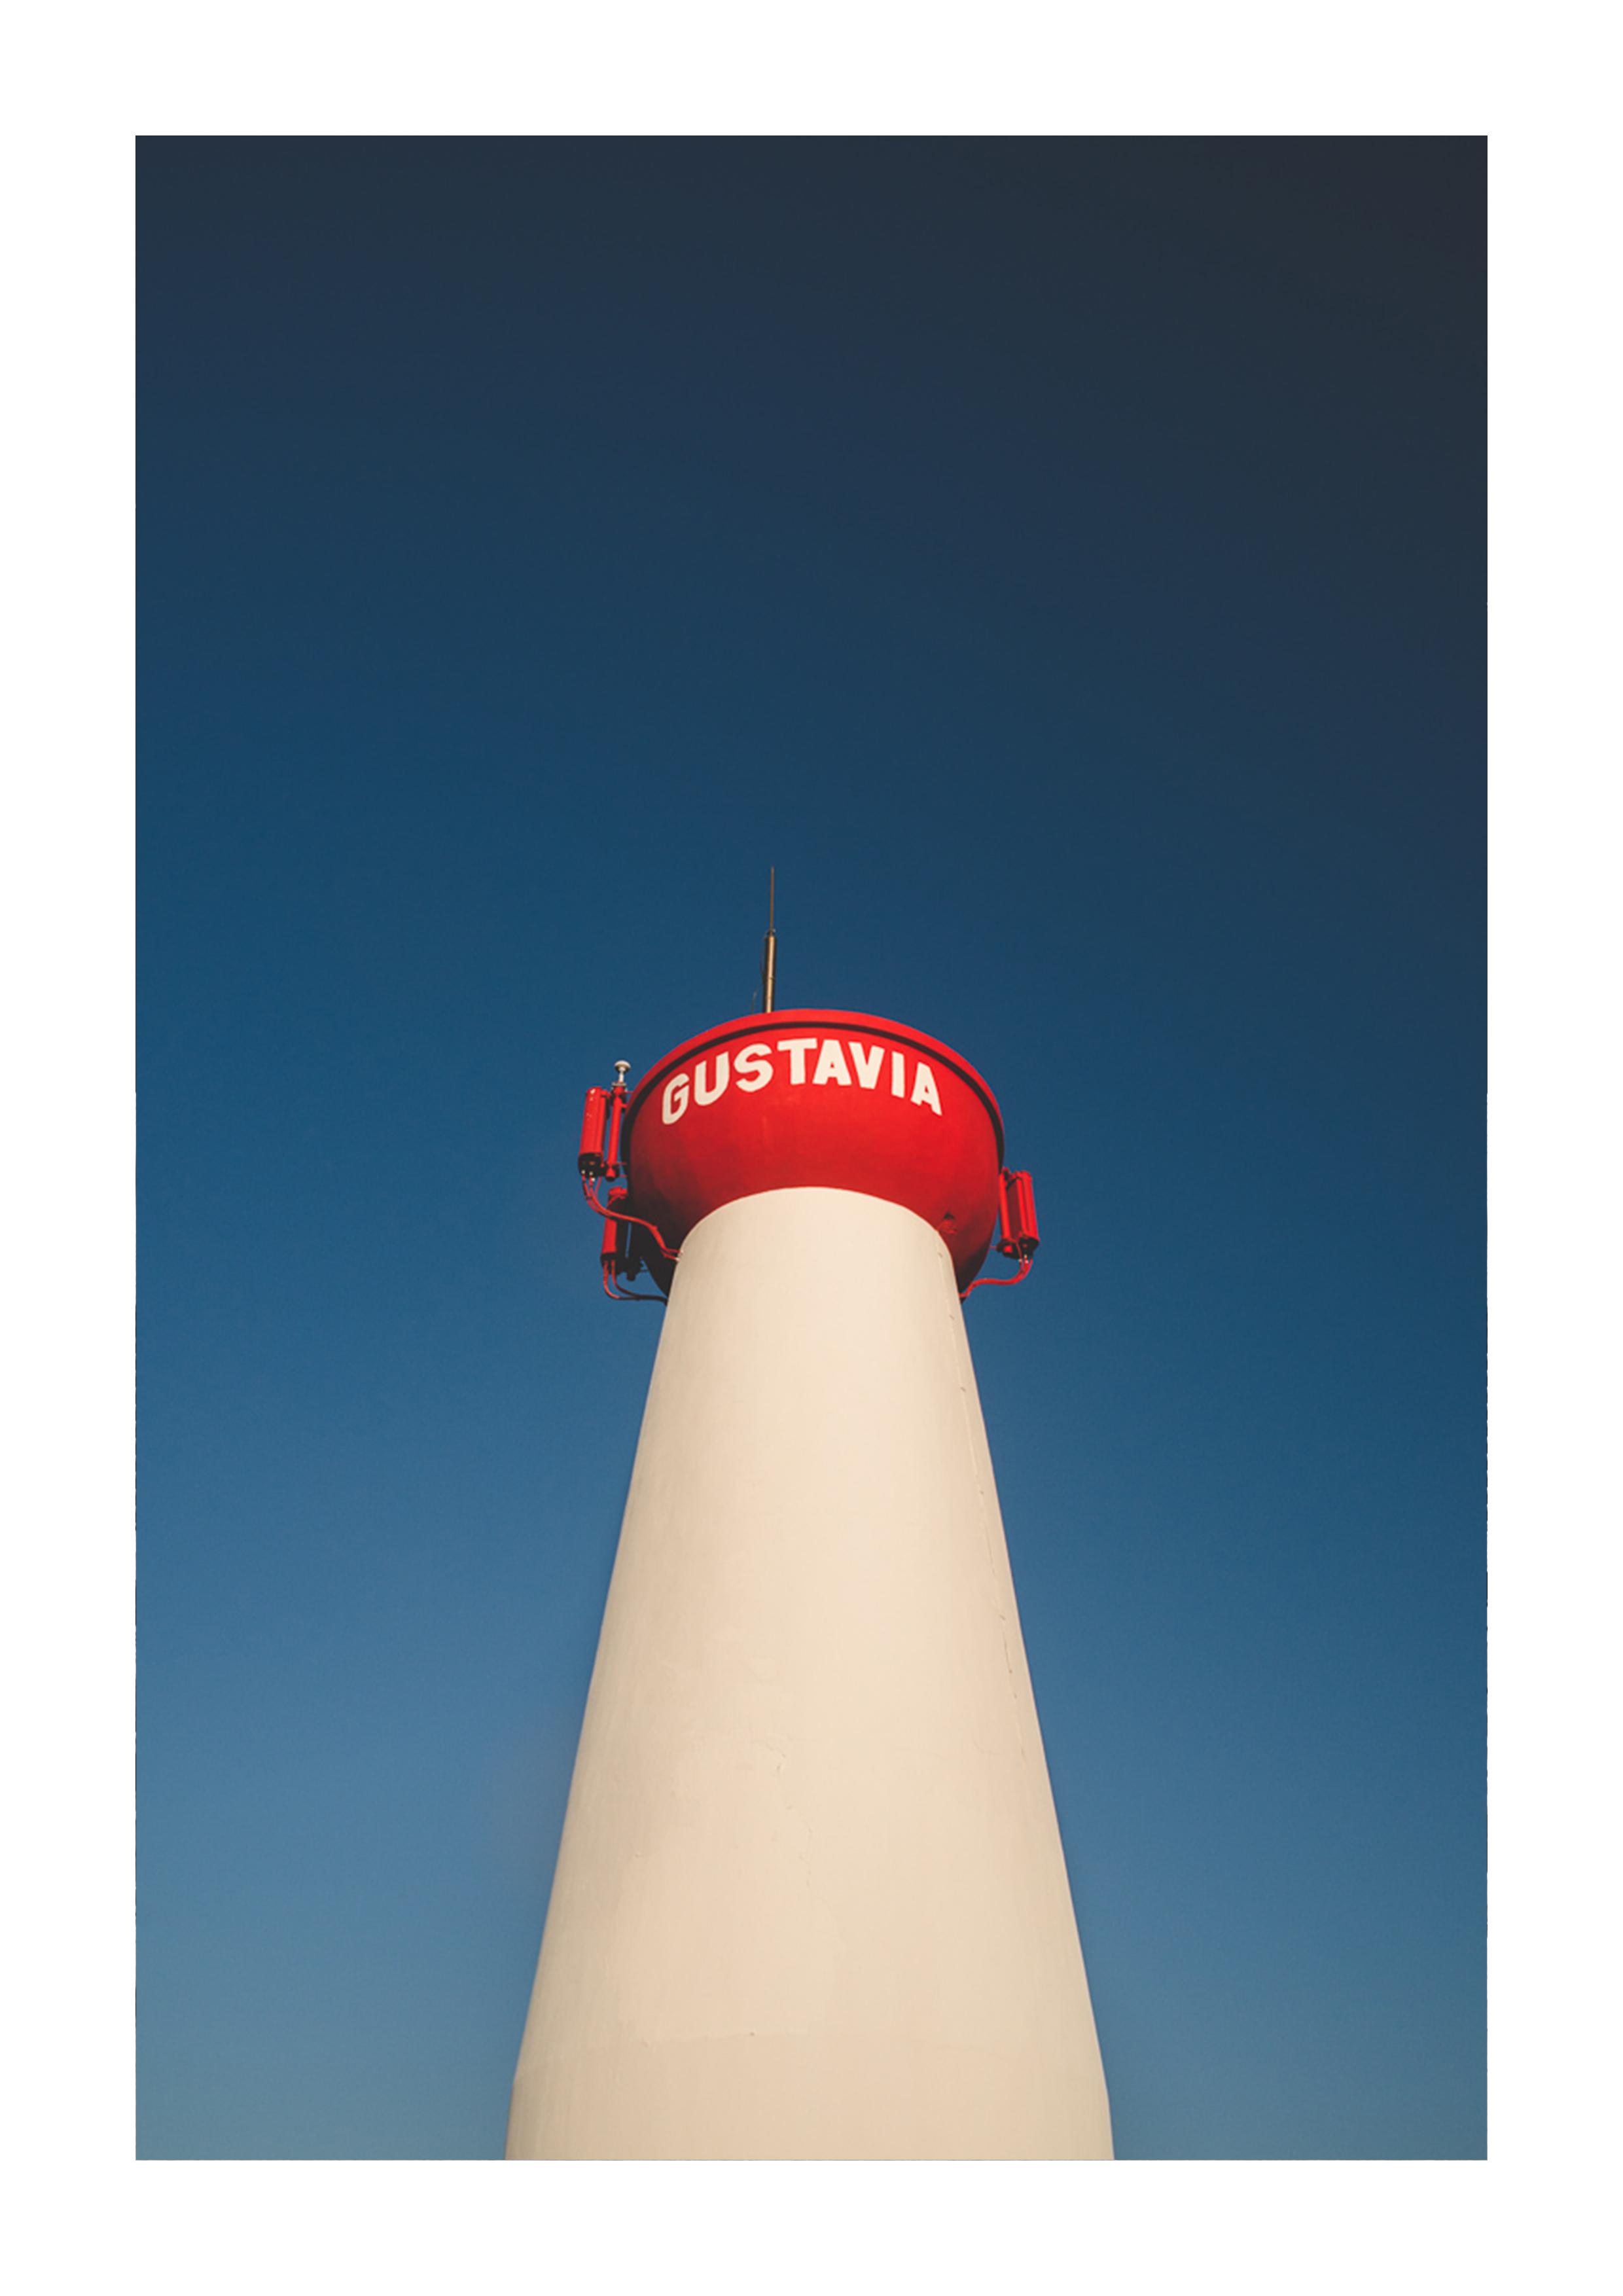 Photographie du phare de Saint Barthélemy.